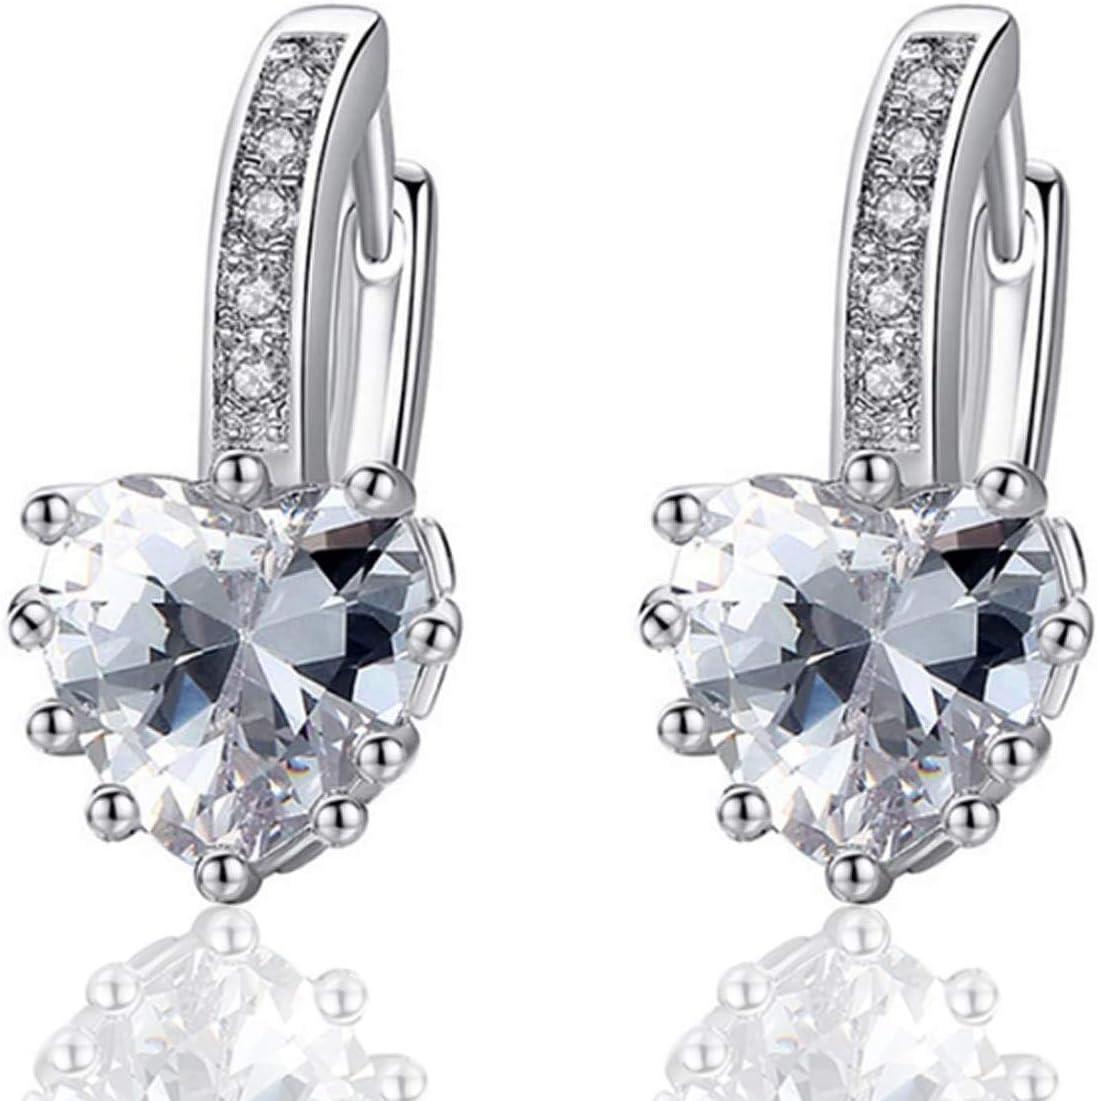 LEEQ Pendientes de Diamantes corazón de Plata 925 de Mujer con Encanto()